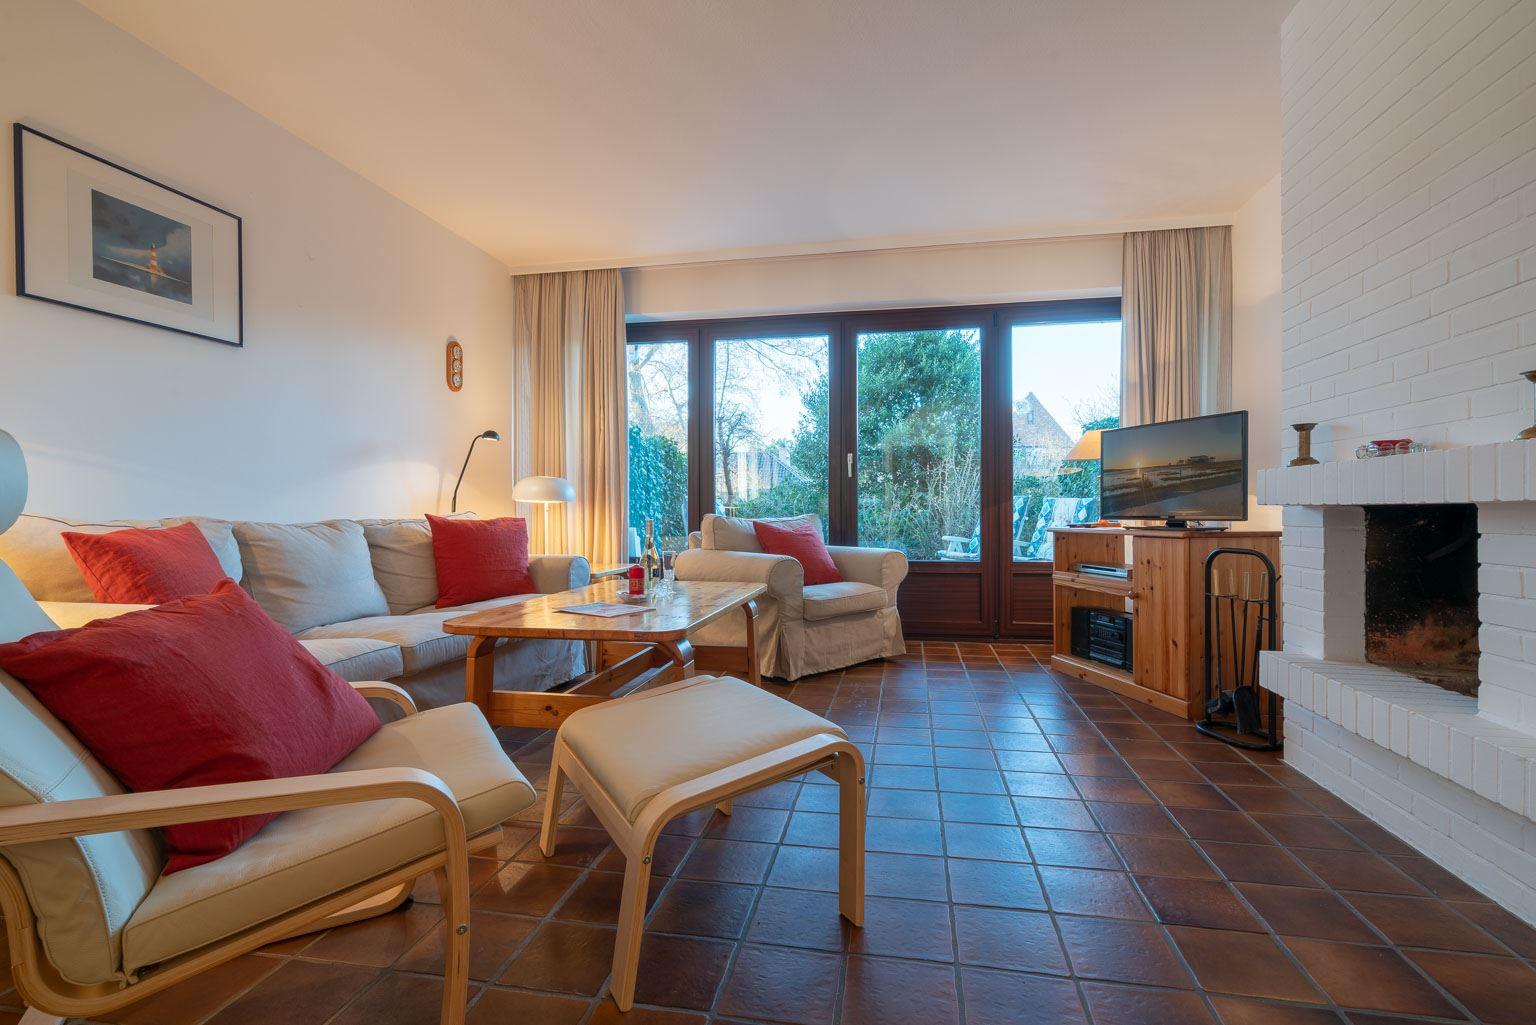 """Wohnzimmer mit Kamin - St Peter Ording Dorf, Ferienhaus Groener Weg 9, Hausteil 7 """"Grube"""""""